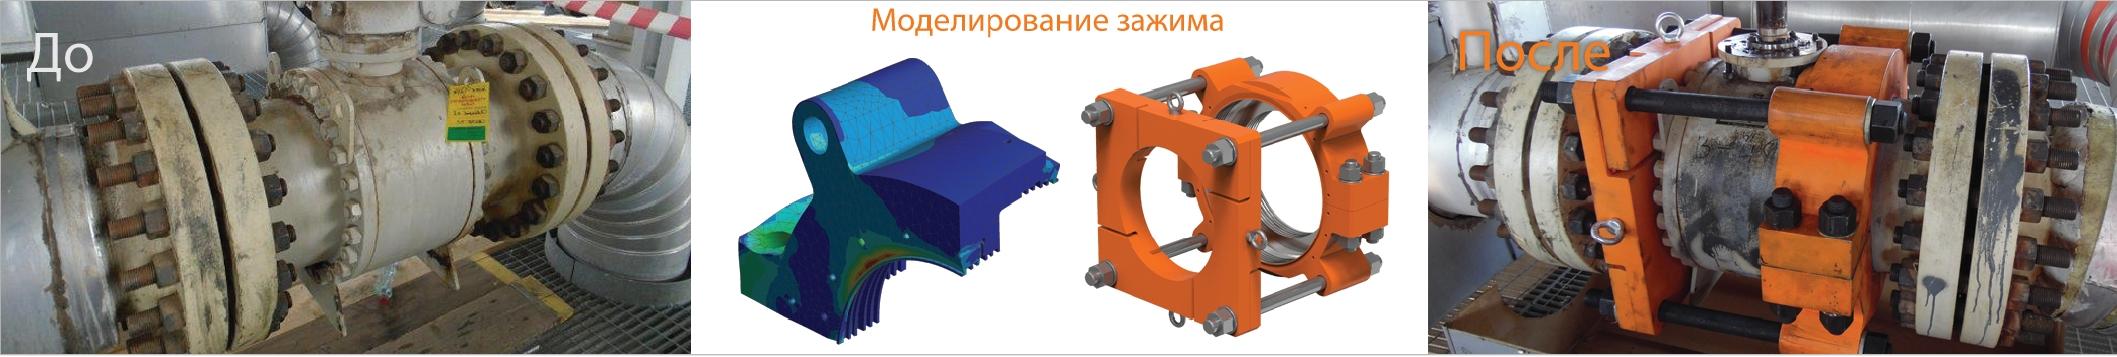 Рис. 2. Утечка на фланцевом соединении Dу = 400 мм. Рабочие параметры: транспортируемая среда – сероводород; давление – 2,57 МПа, температура 200°С